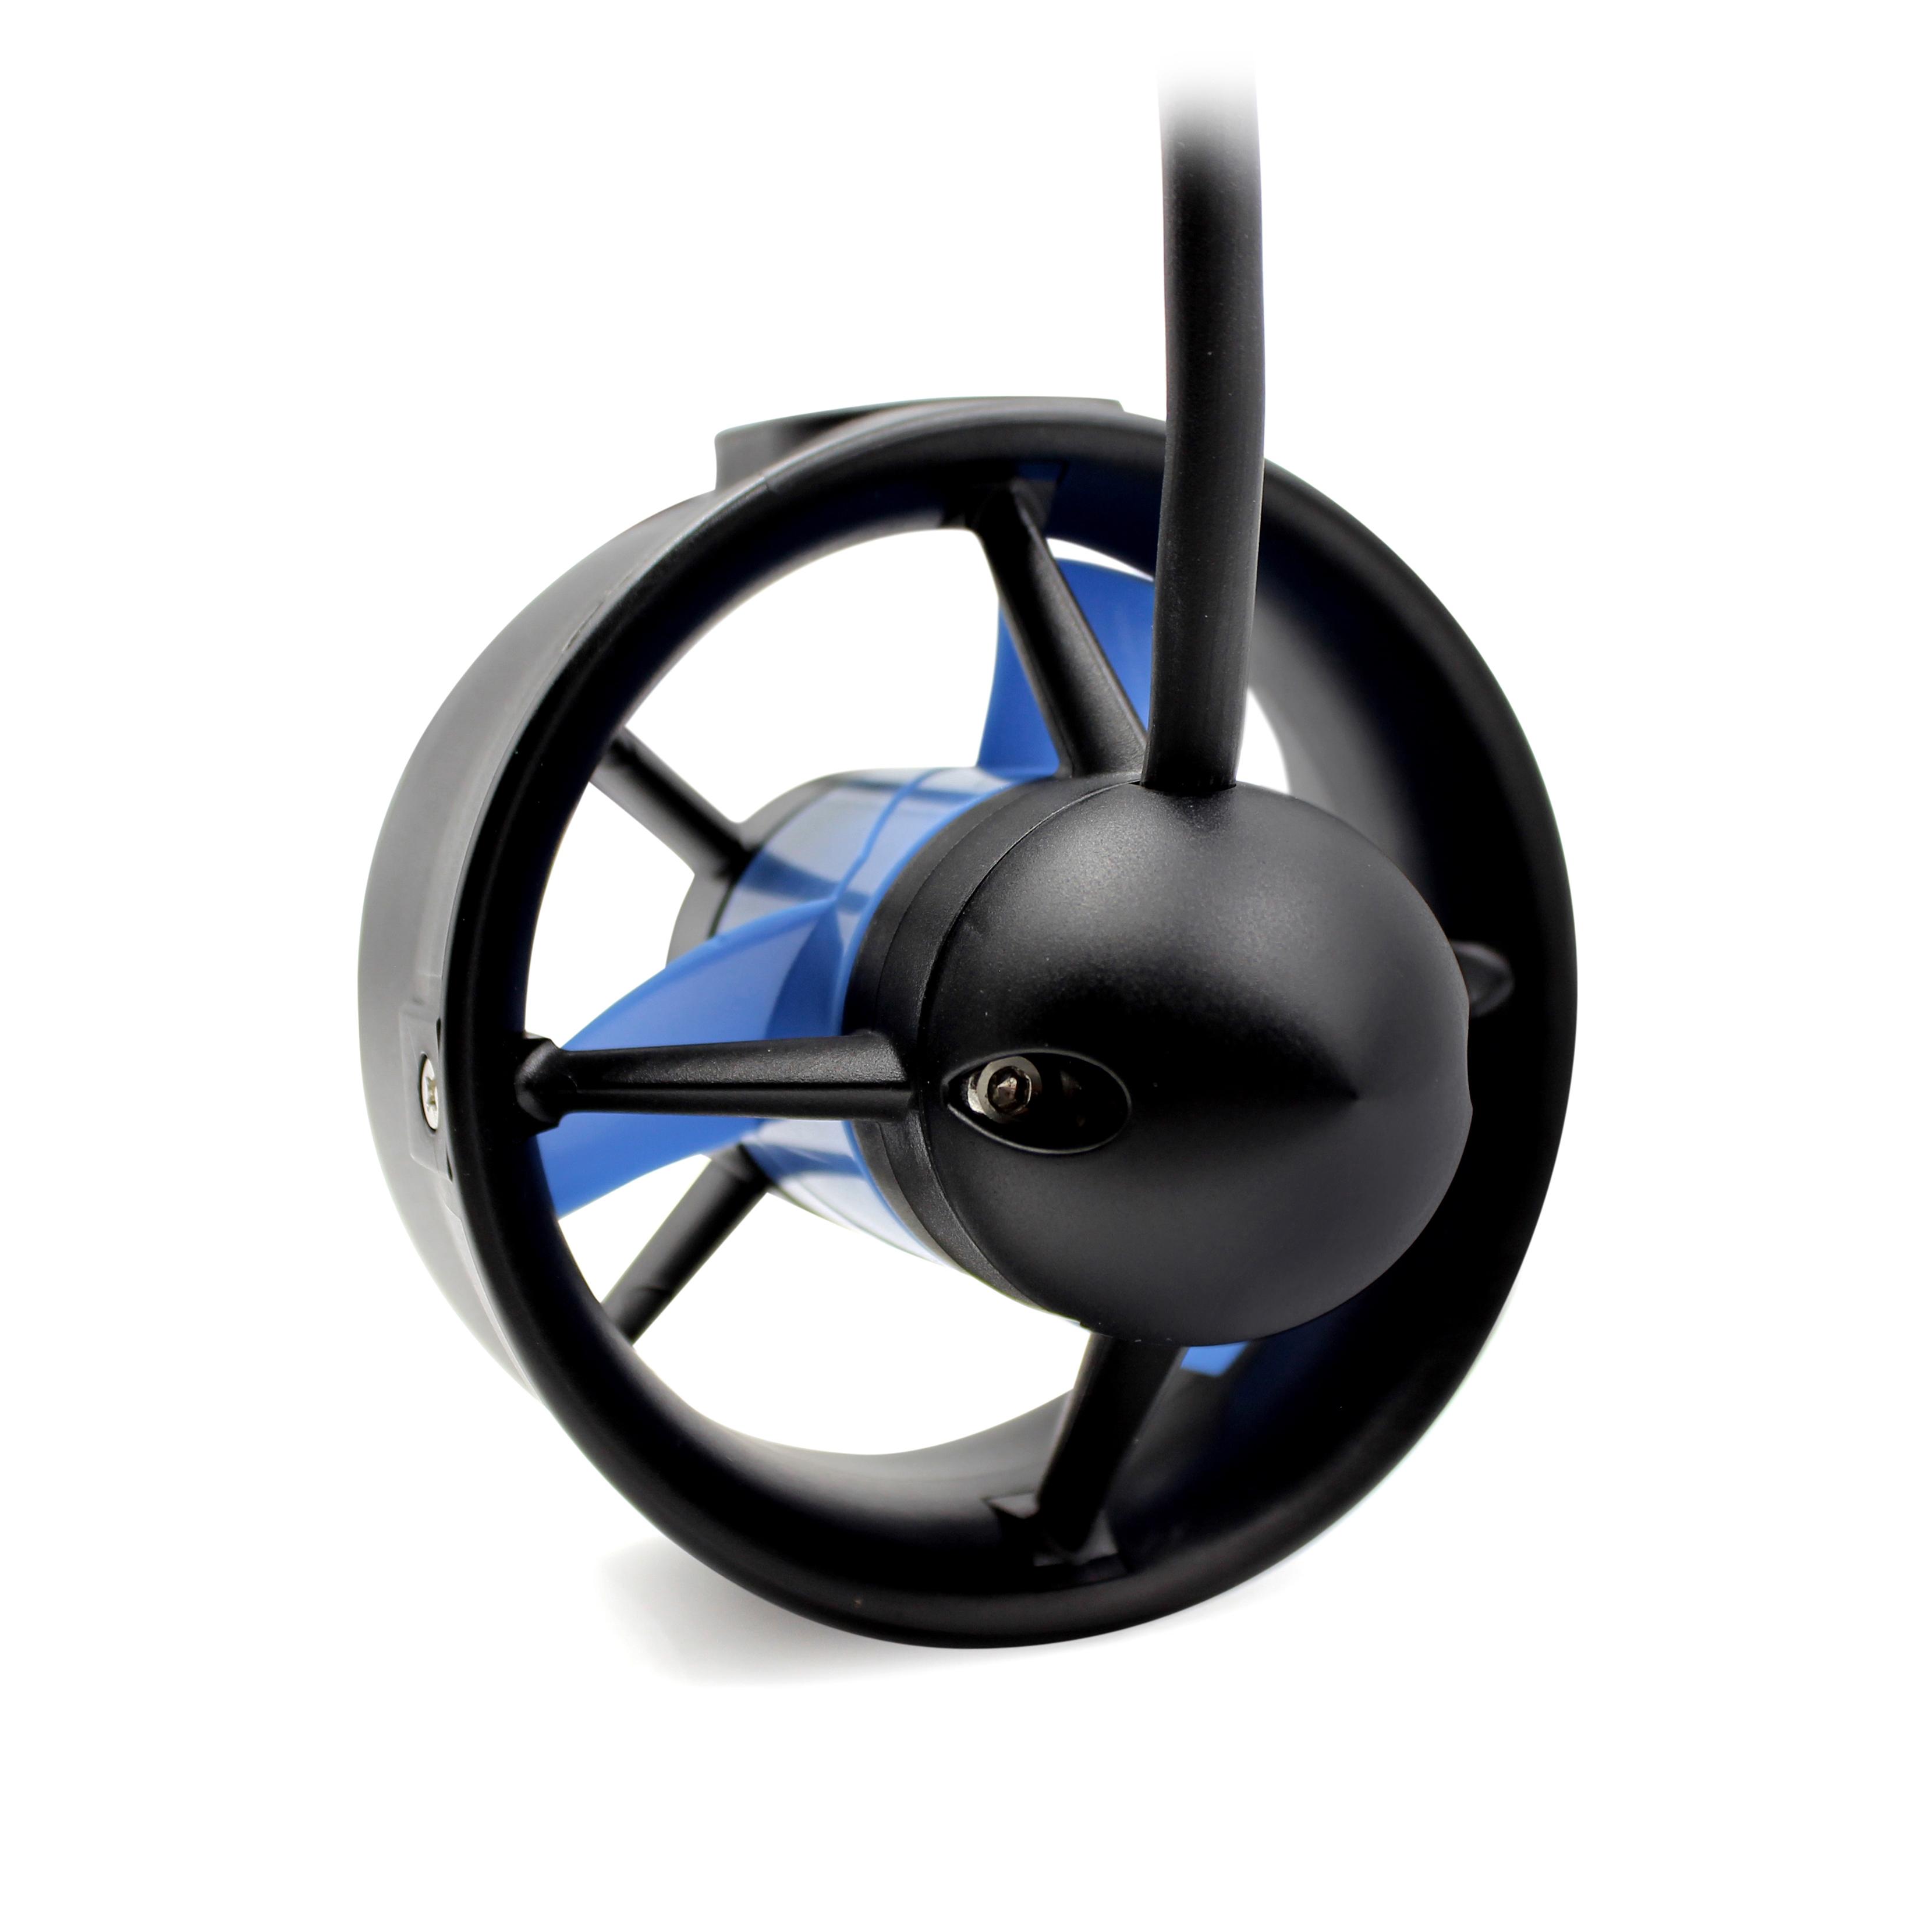 T200 Thruster For Rovs Auvs And Marine Robotics